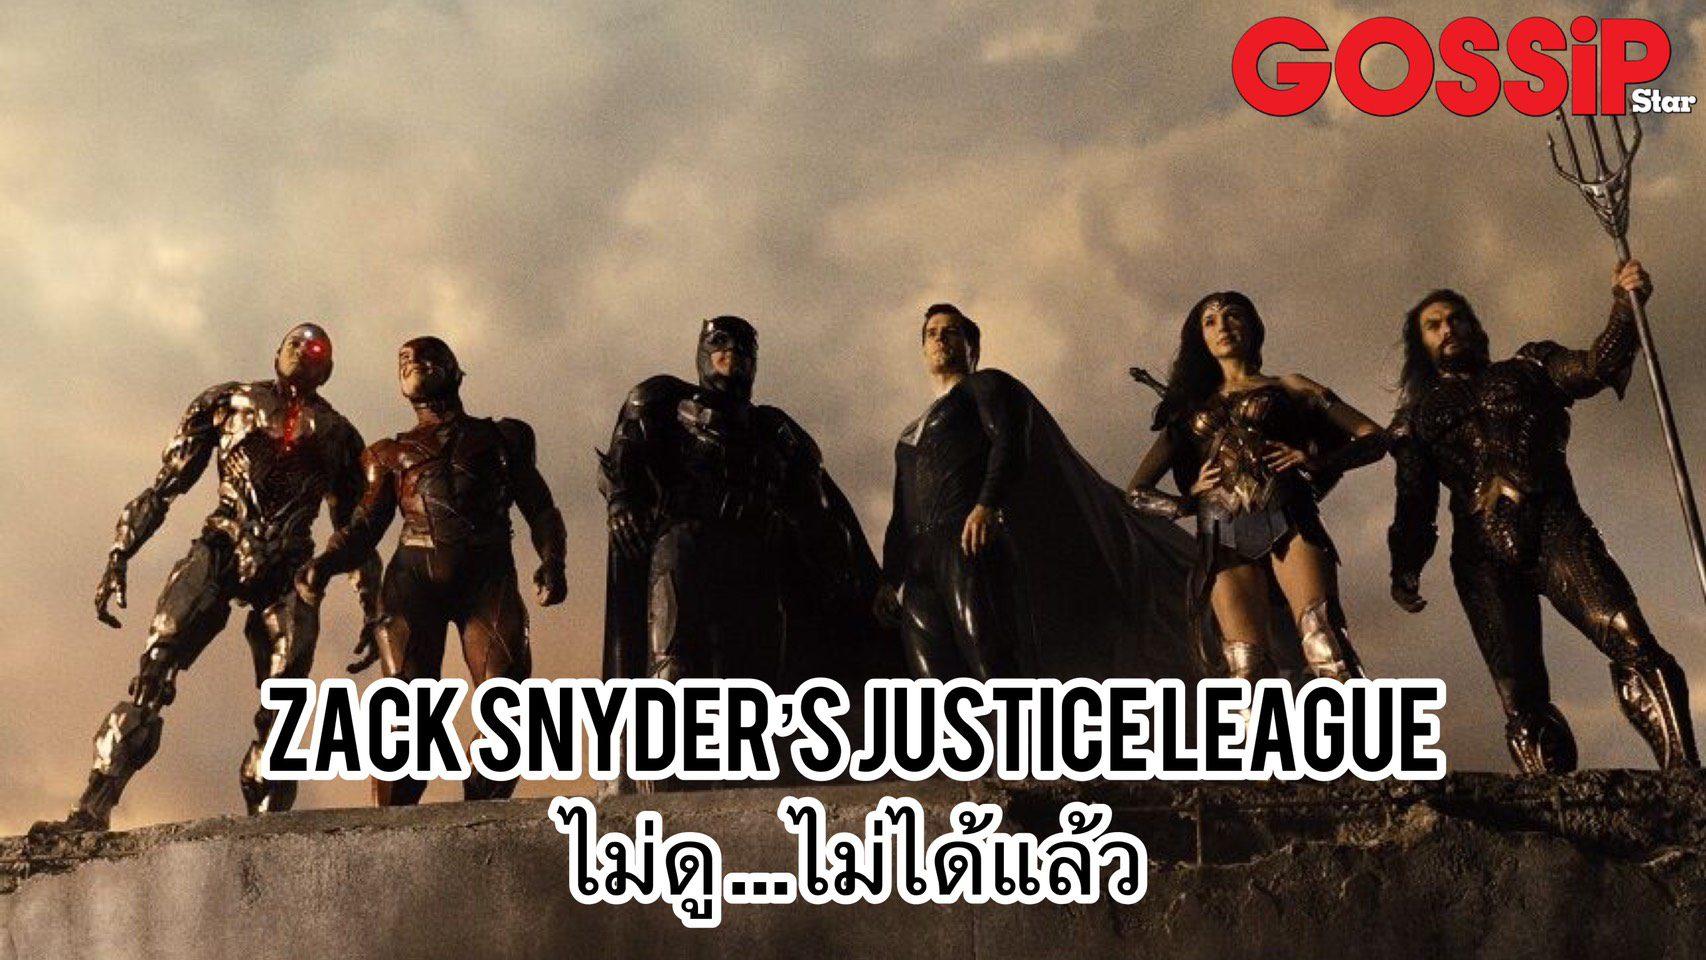 สุดปังจักรวาลงาน DC หนังแห่งปี ไม่ดู…ไม่ได้แล้ว zack snyder's justice league